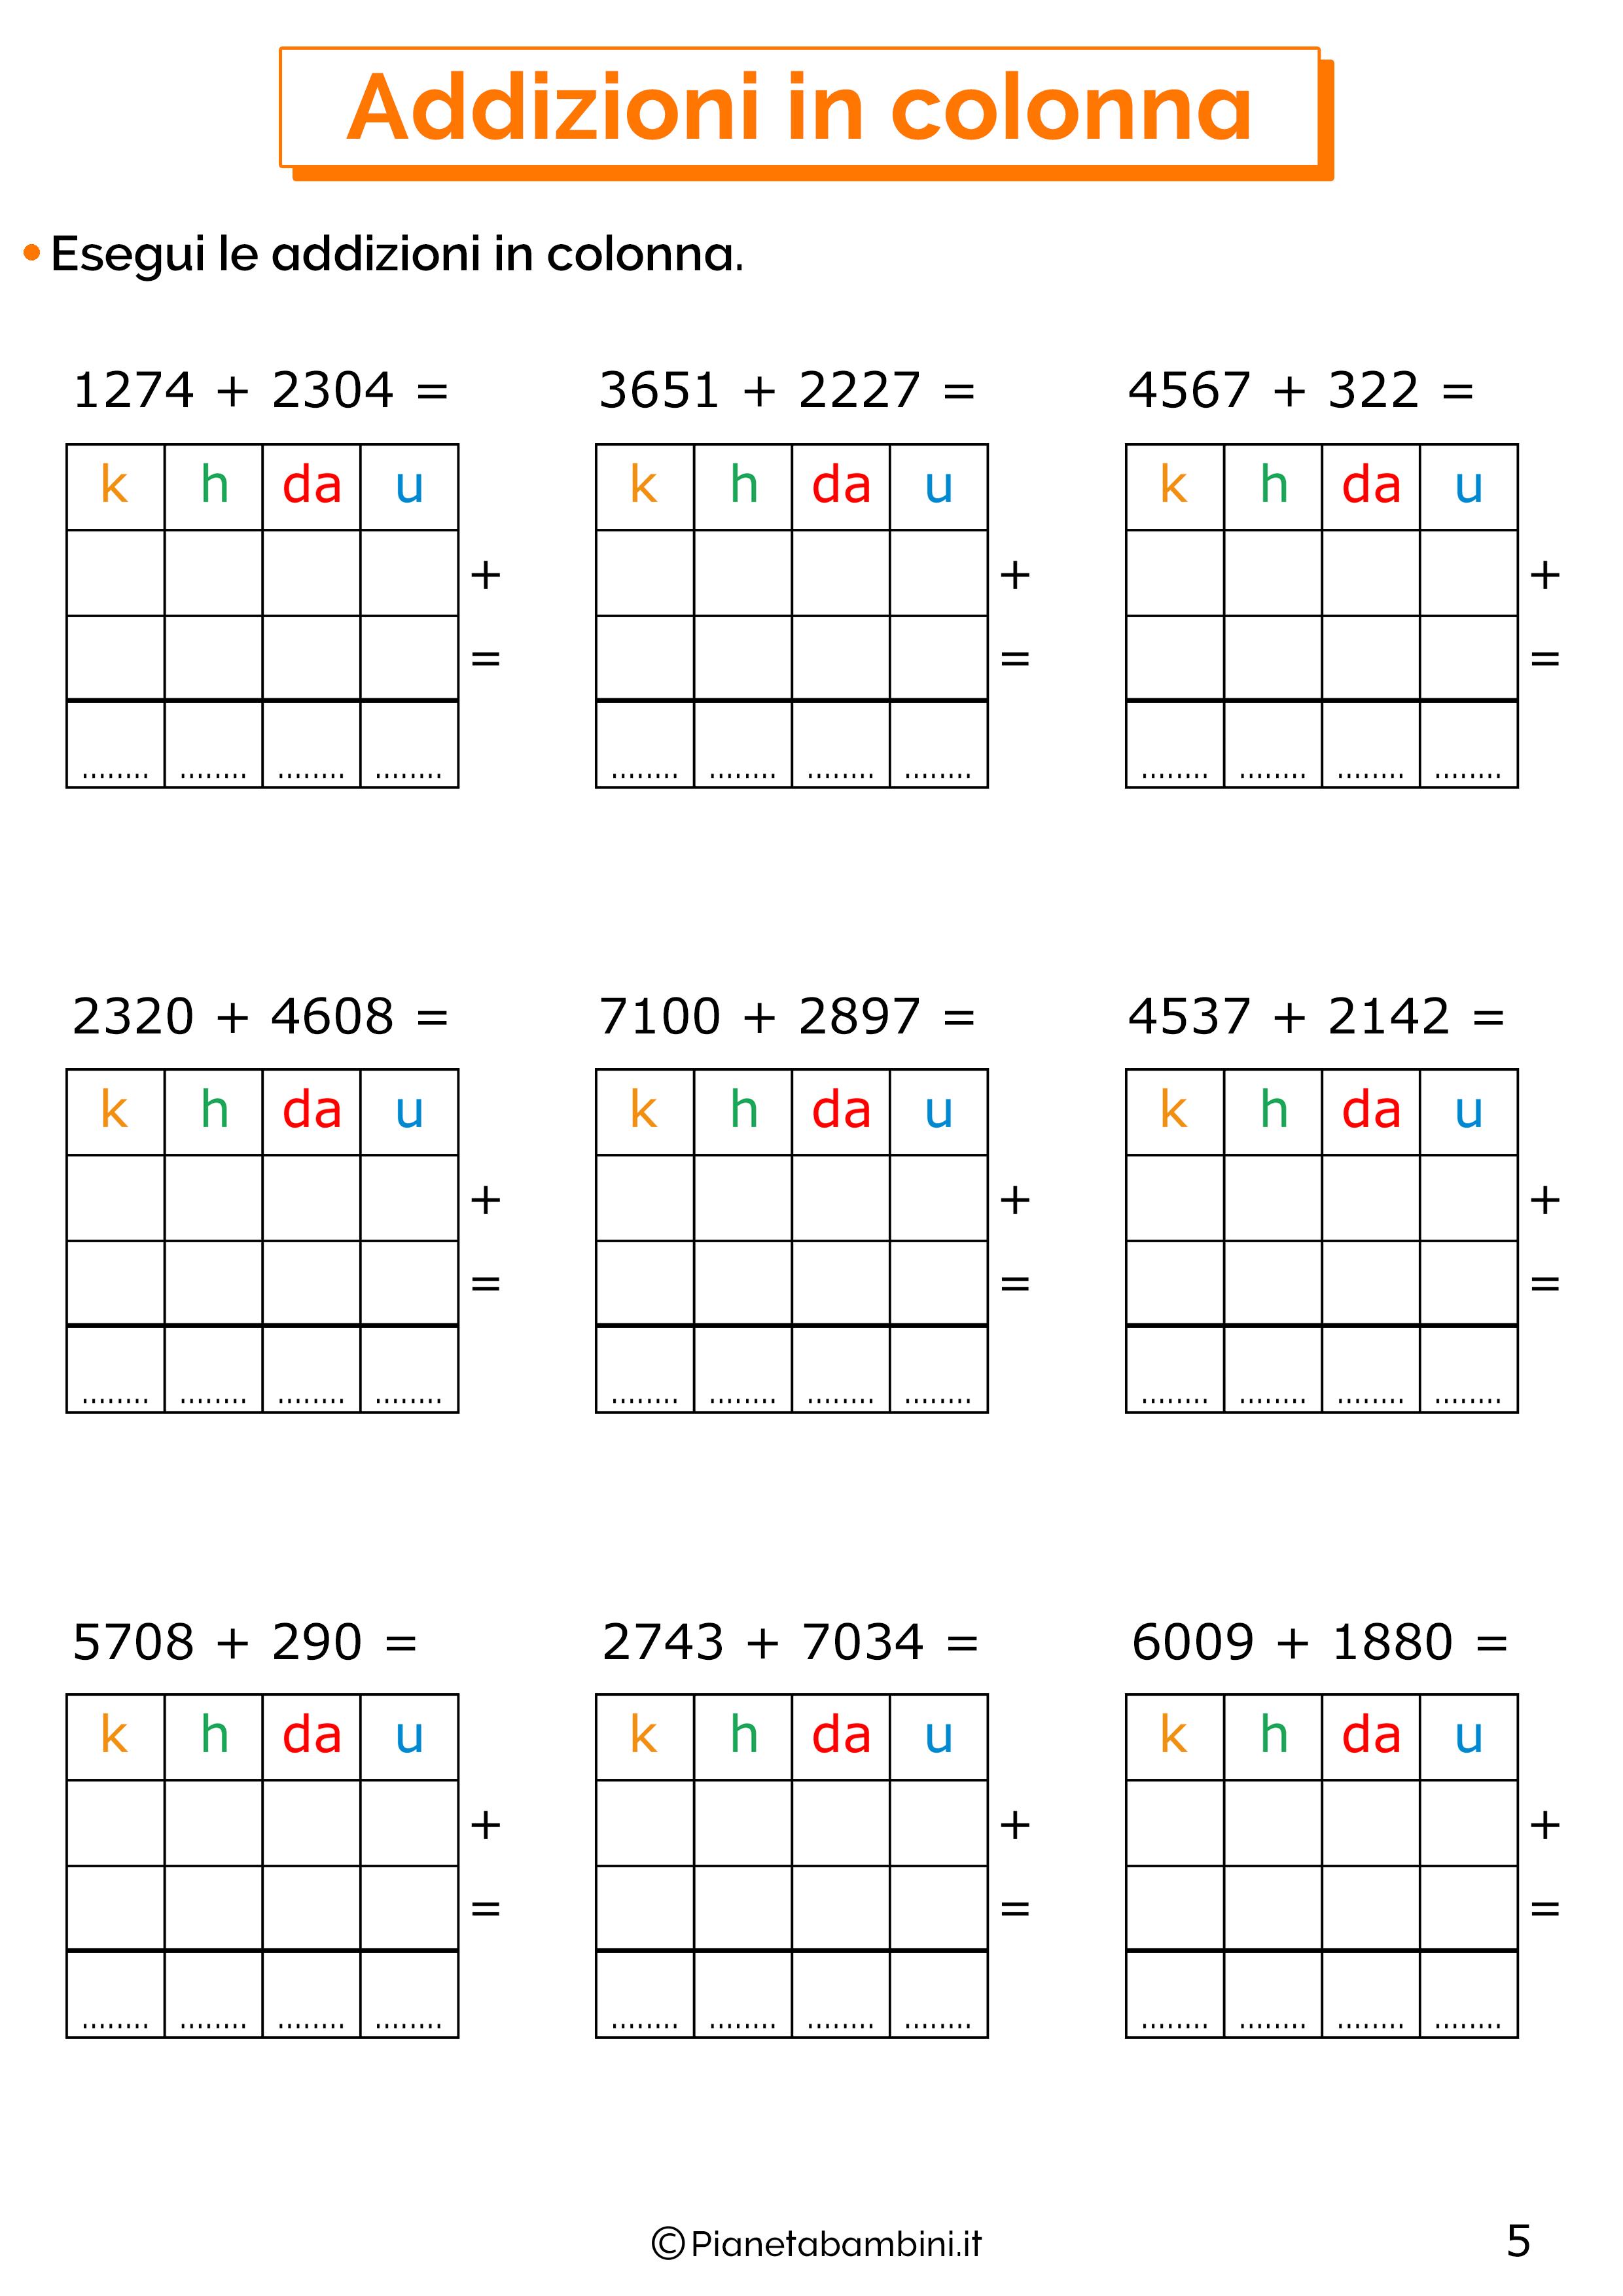 Addizioni in colonna a quattro cifre senza cambio per la classe terza 5